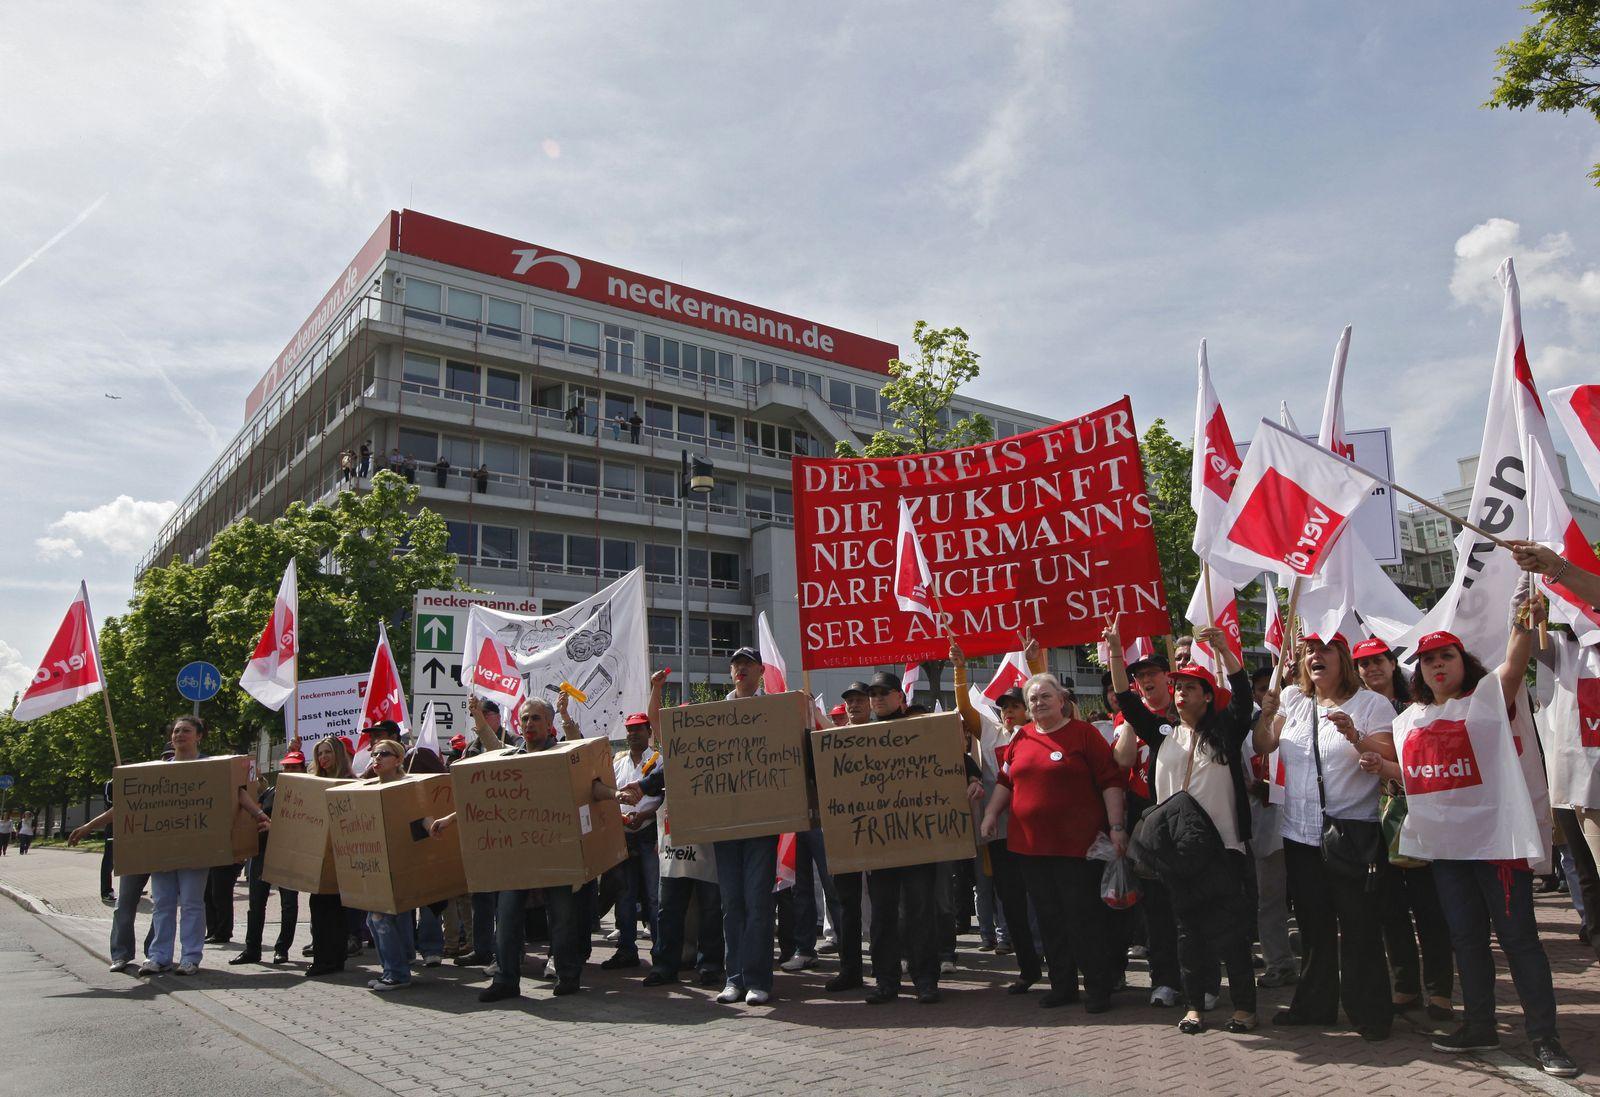 NICHT VERWENDEN Neckermann / Beschäftigte protestieren